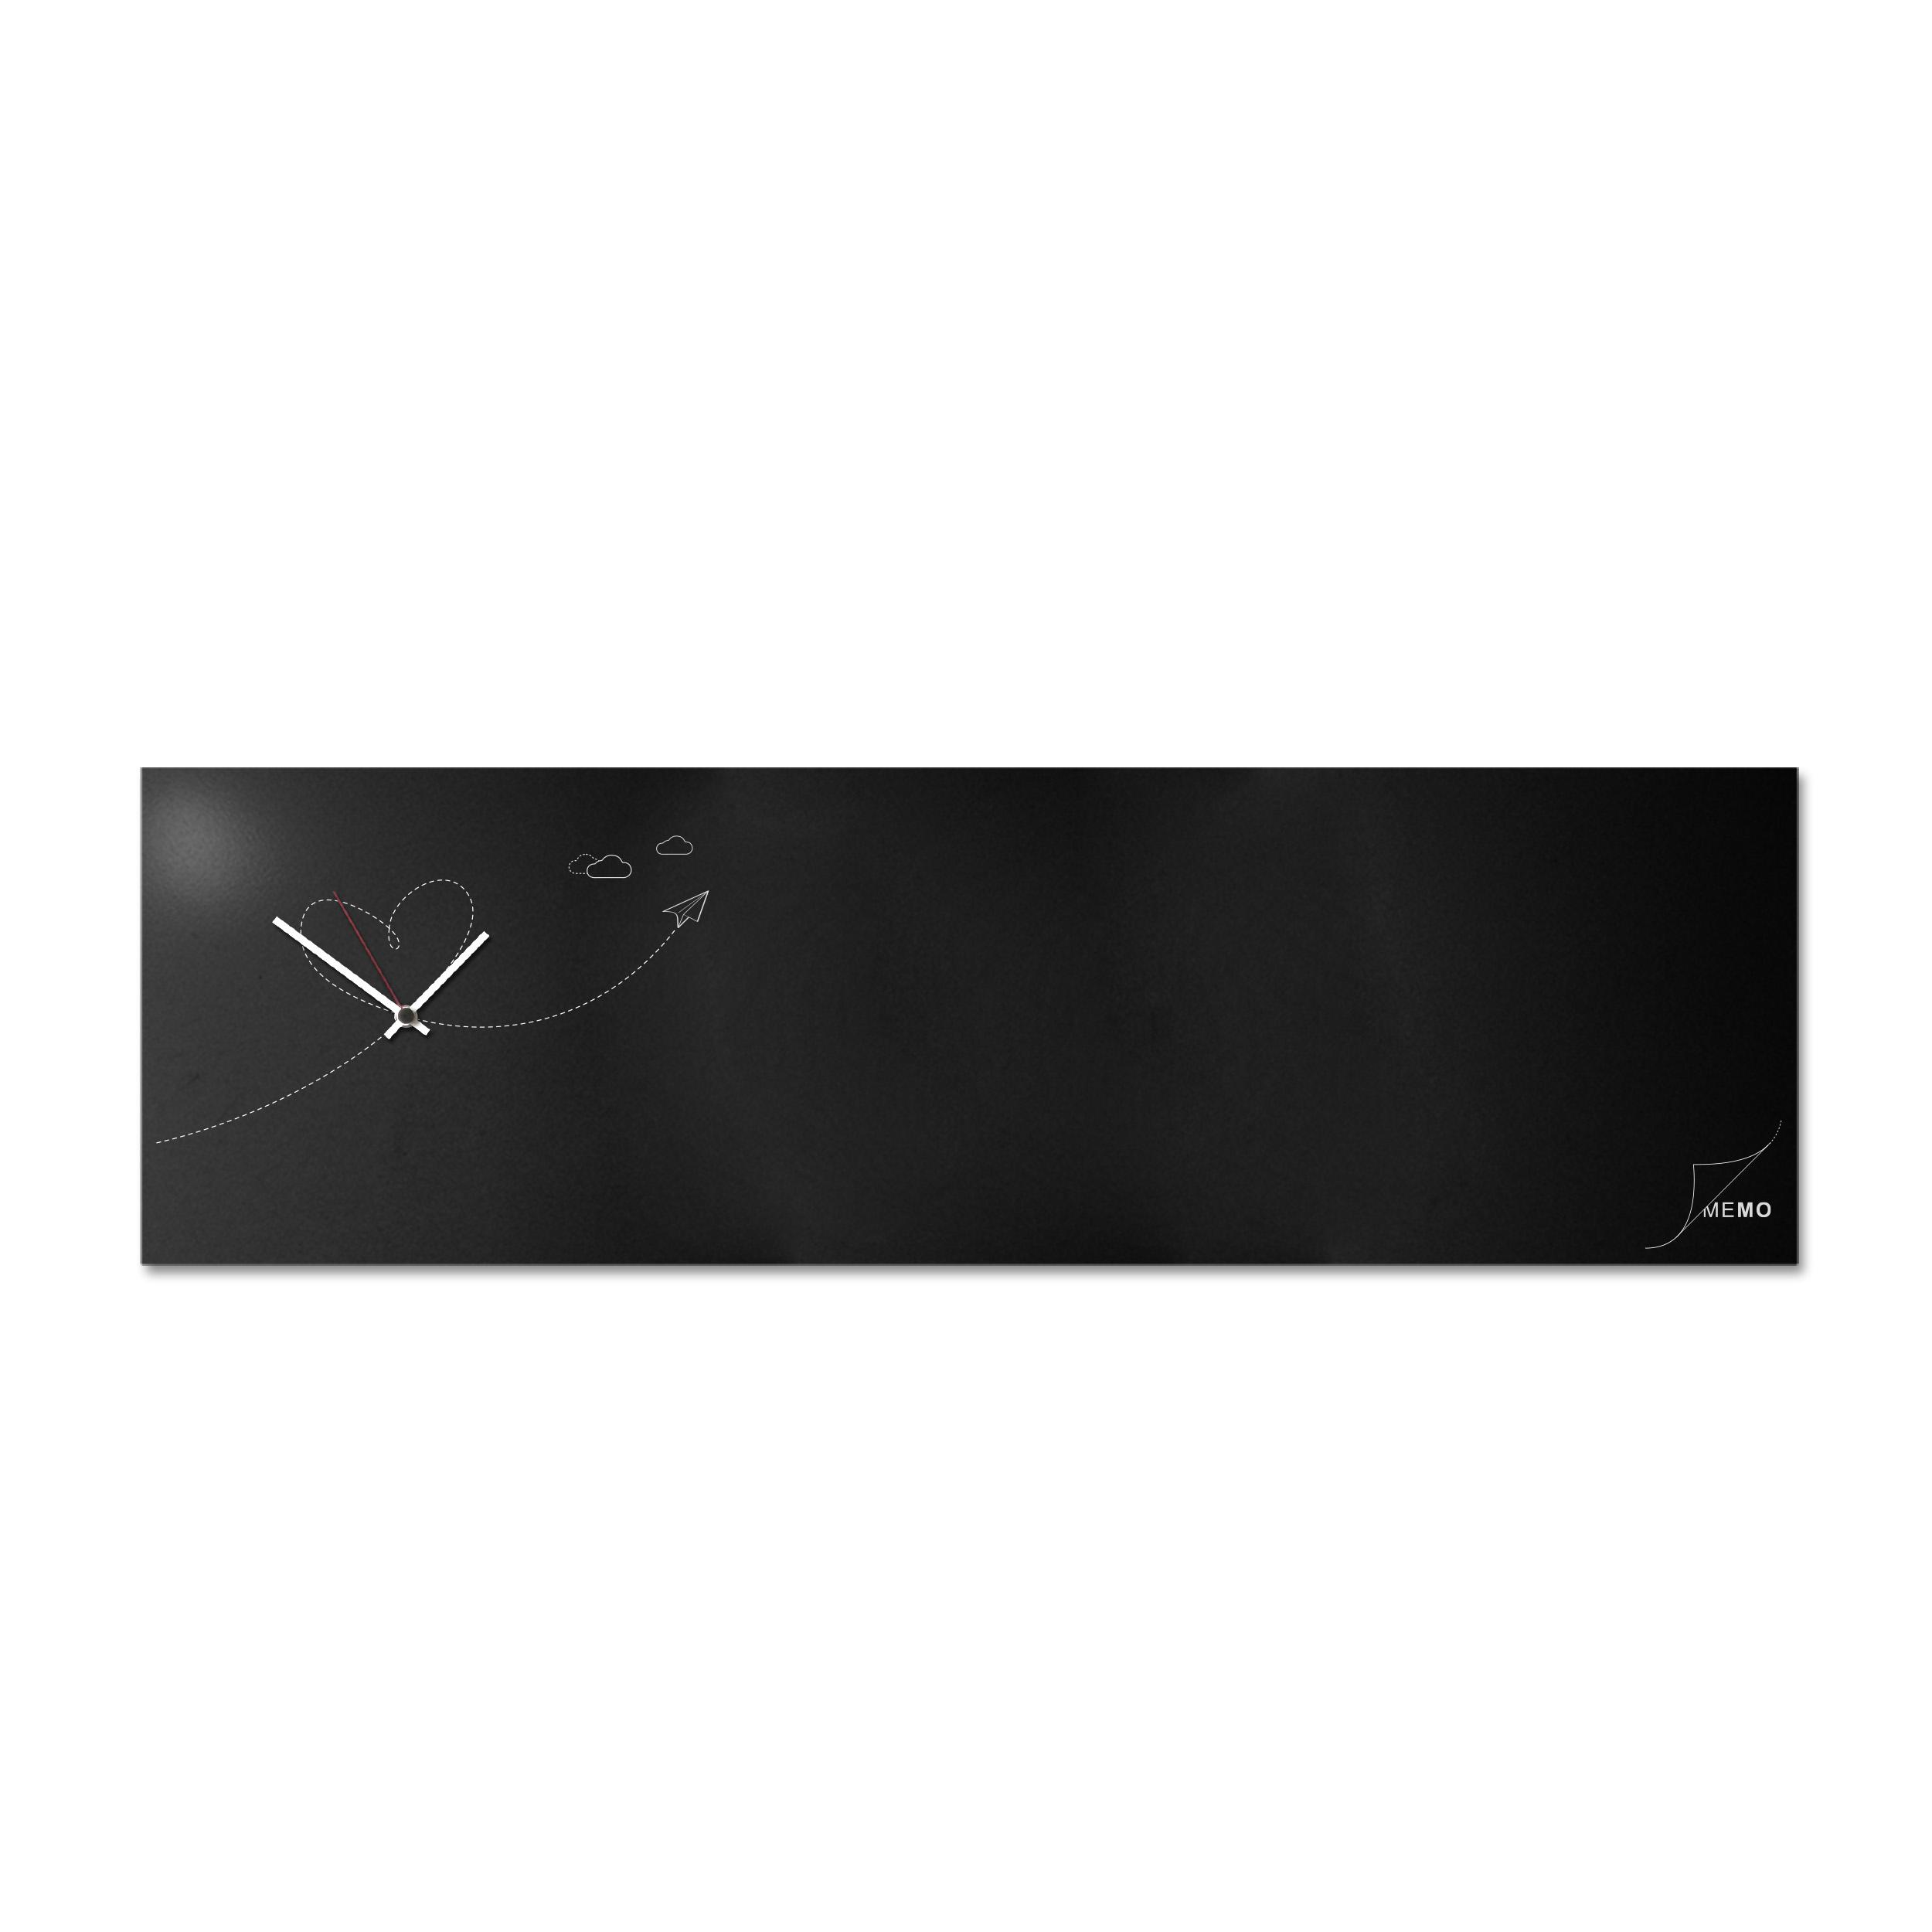 Orologio - Lavagna magnetica Design Ufficio